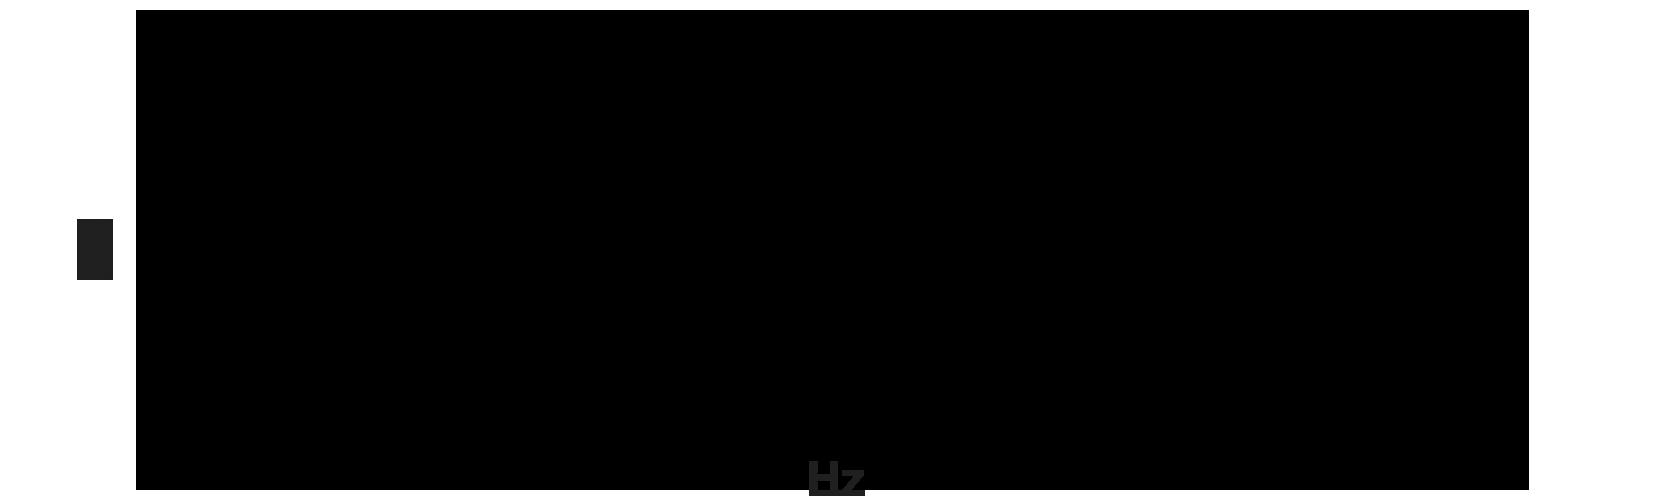 Shure Micrófono digital estéreo de condensador Imagen de la curva de la respuesta en frecuencia